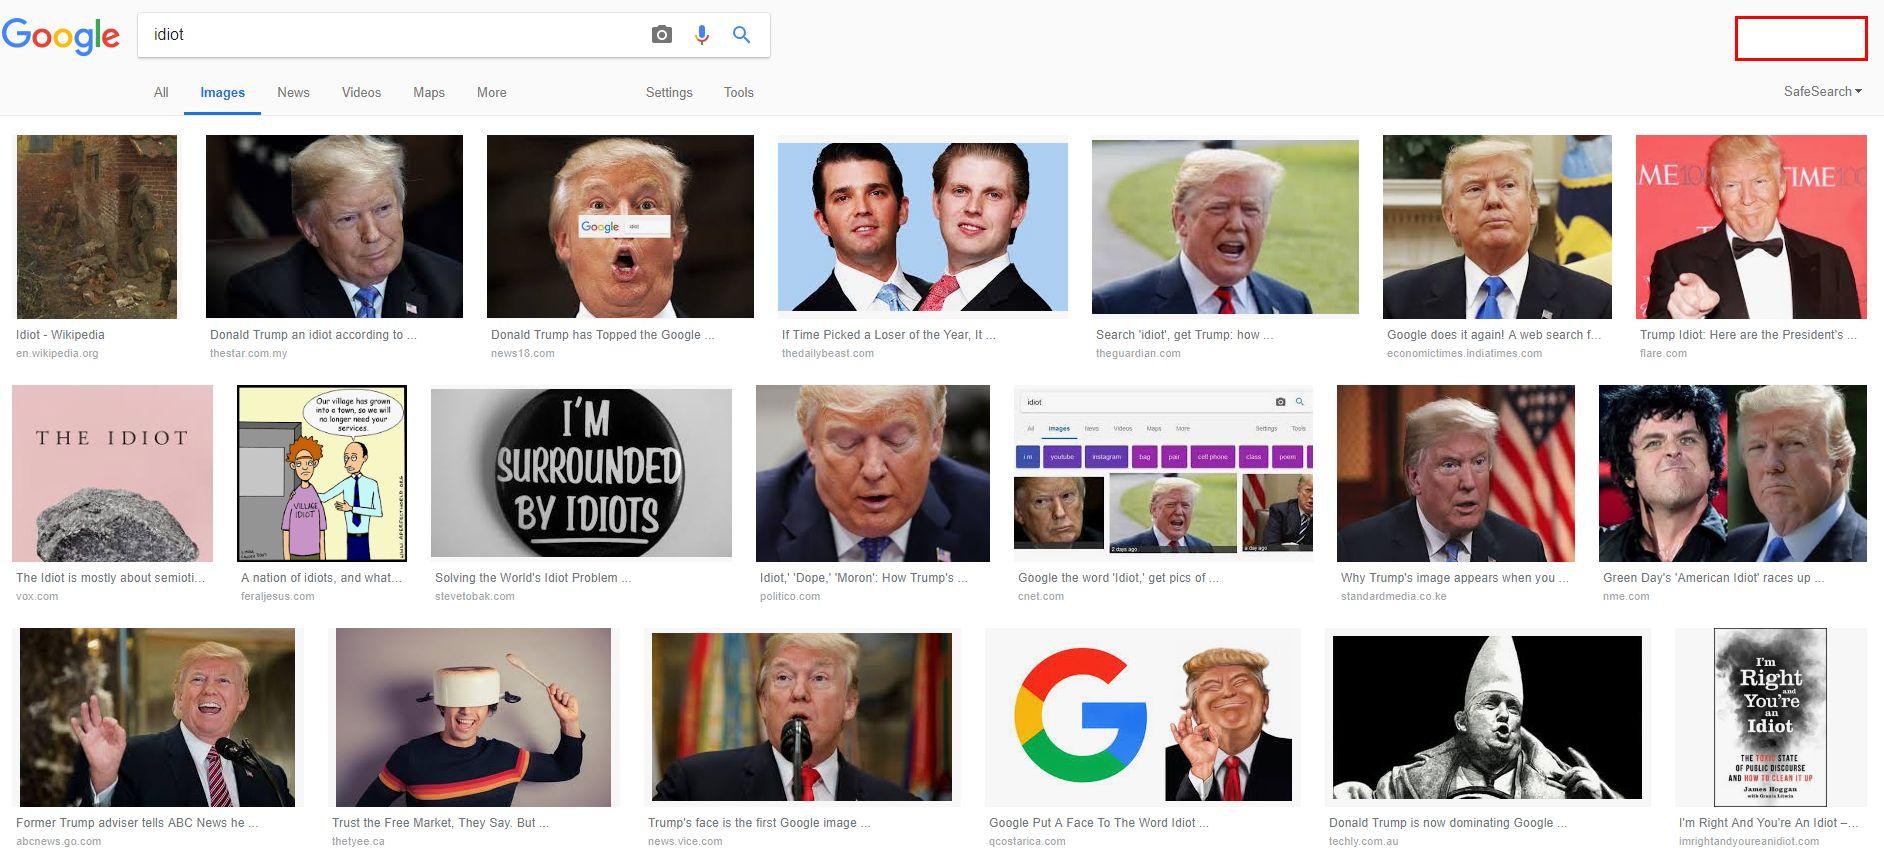 미 의원이 구글 사장에게 '바보'를 검색하면 왜 트럼프가 나오는지